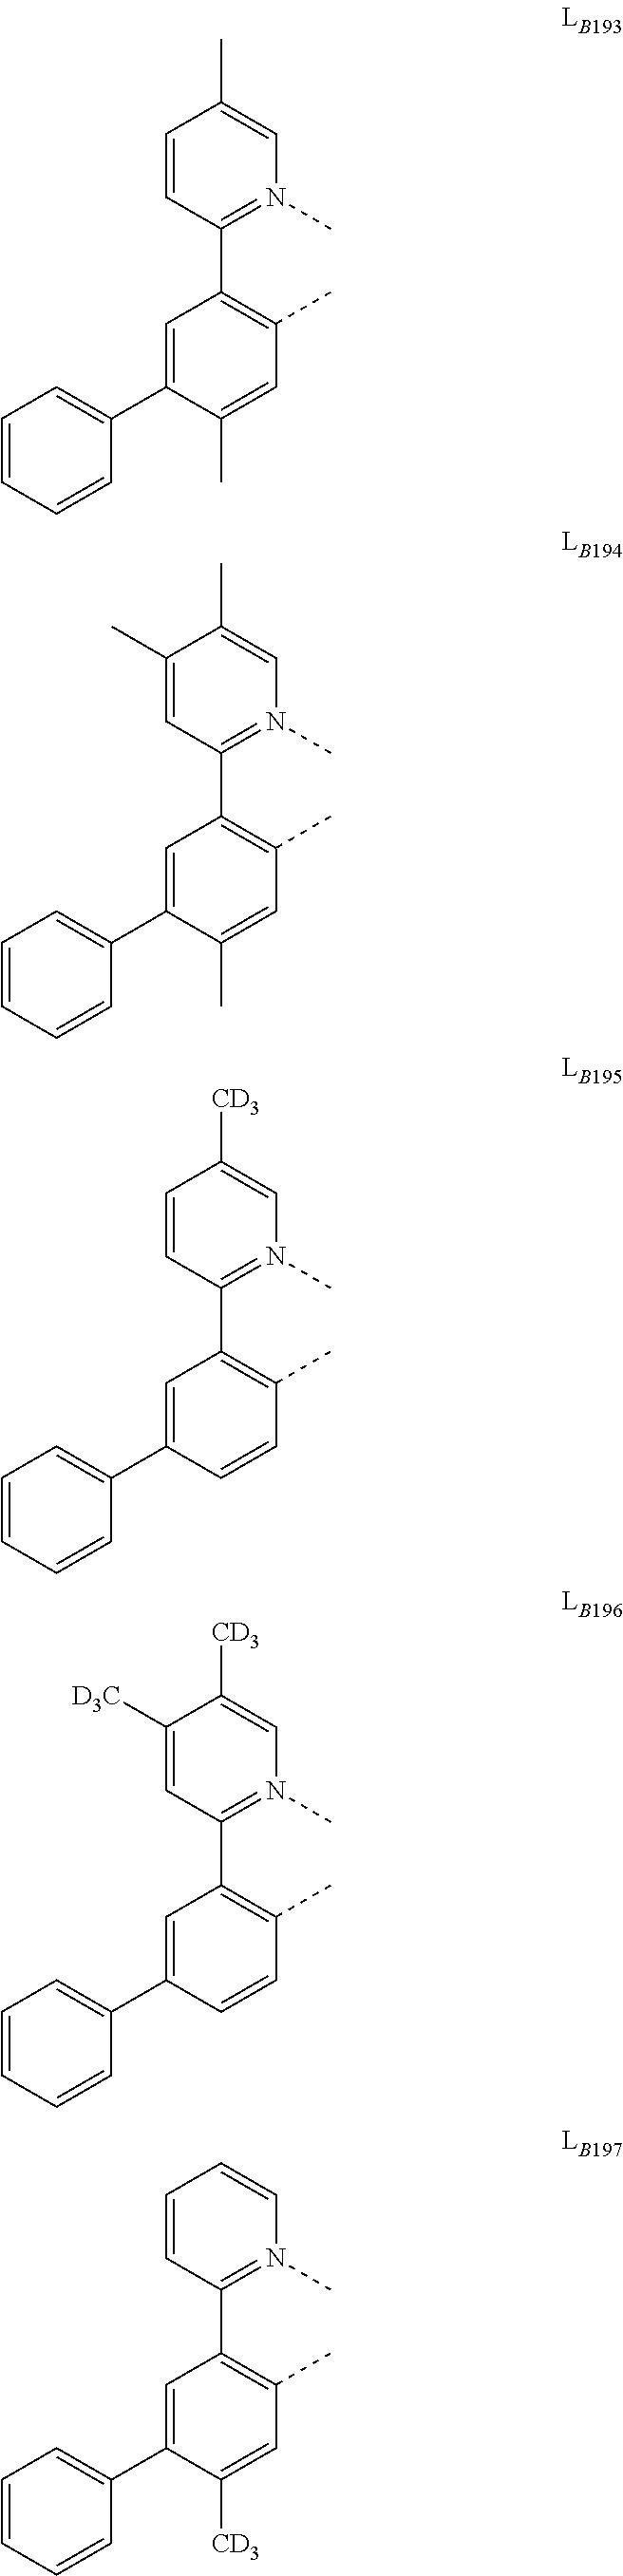 Figure US20180130962A1-20180510-C00105